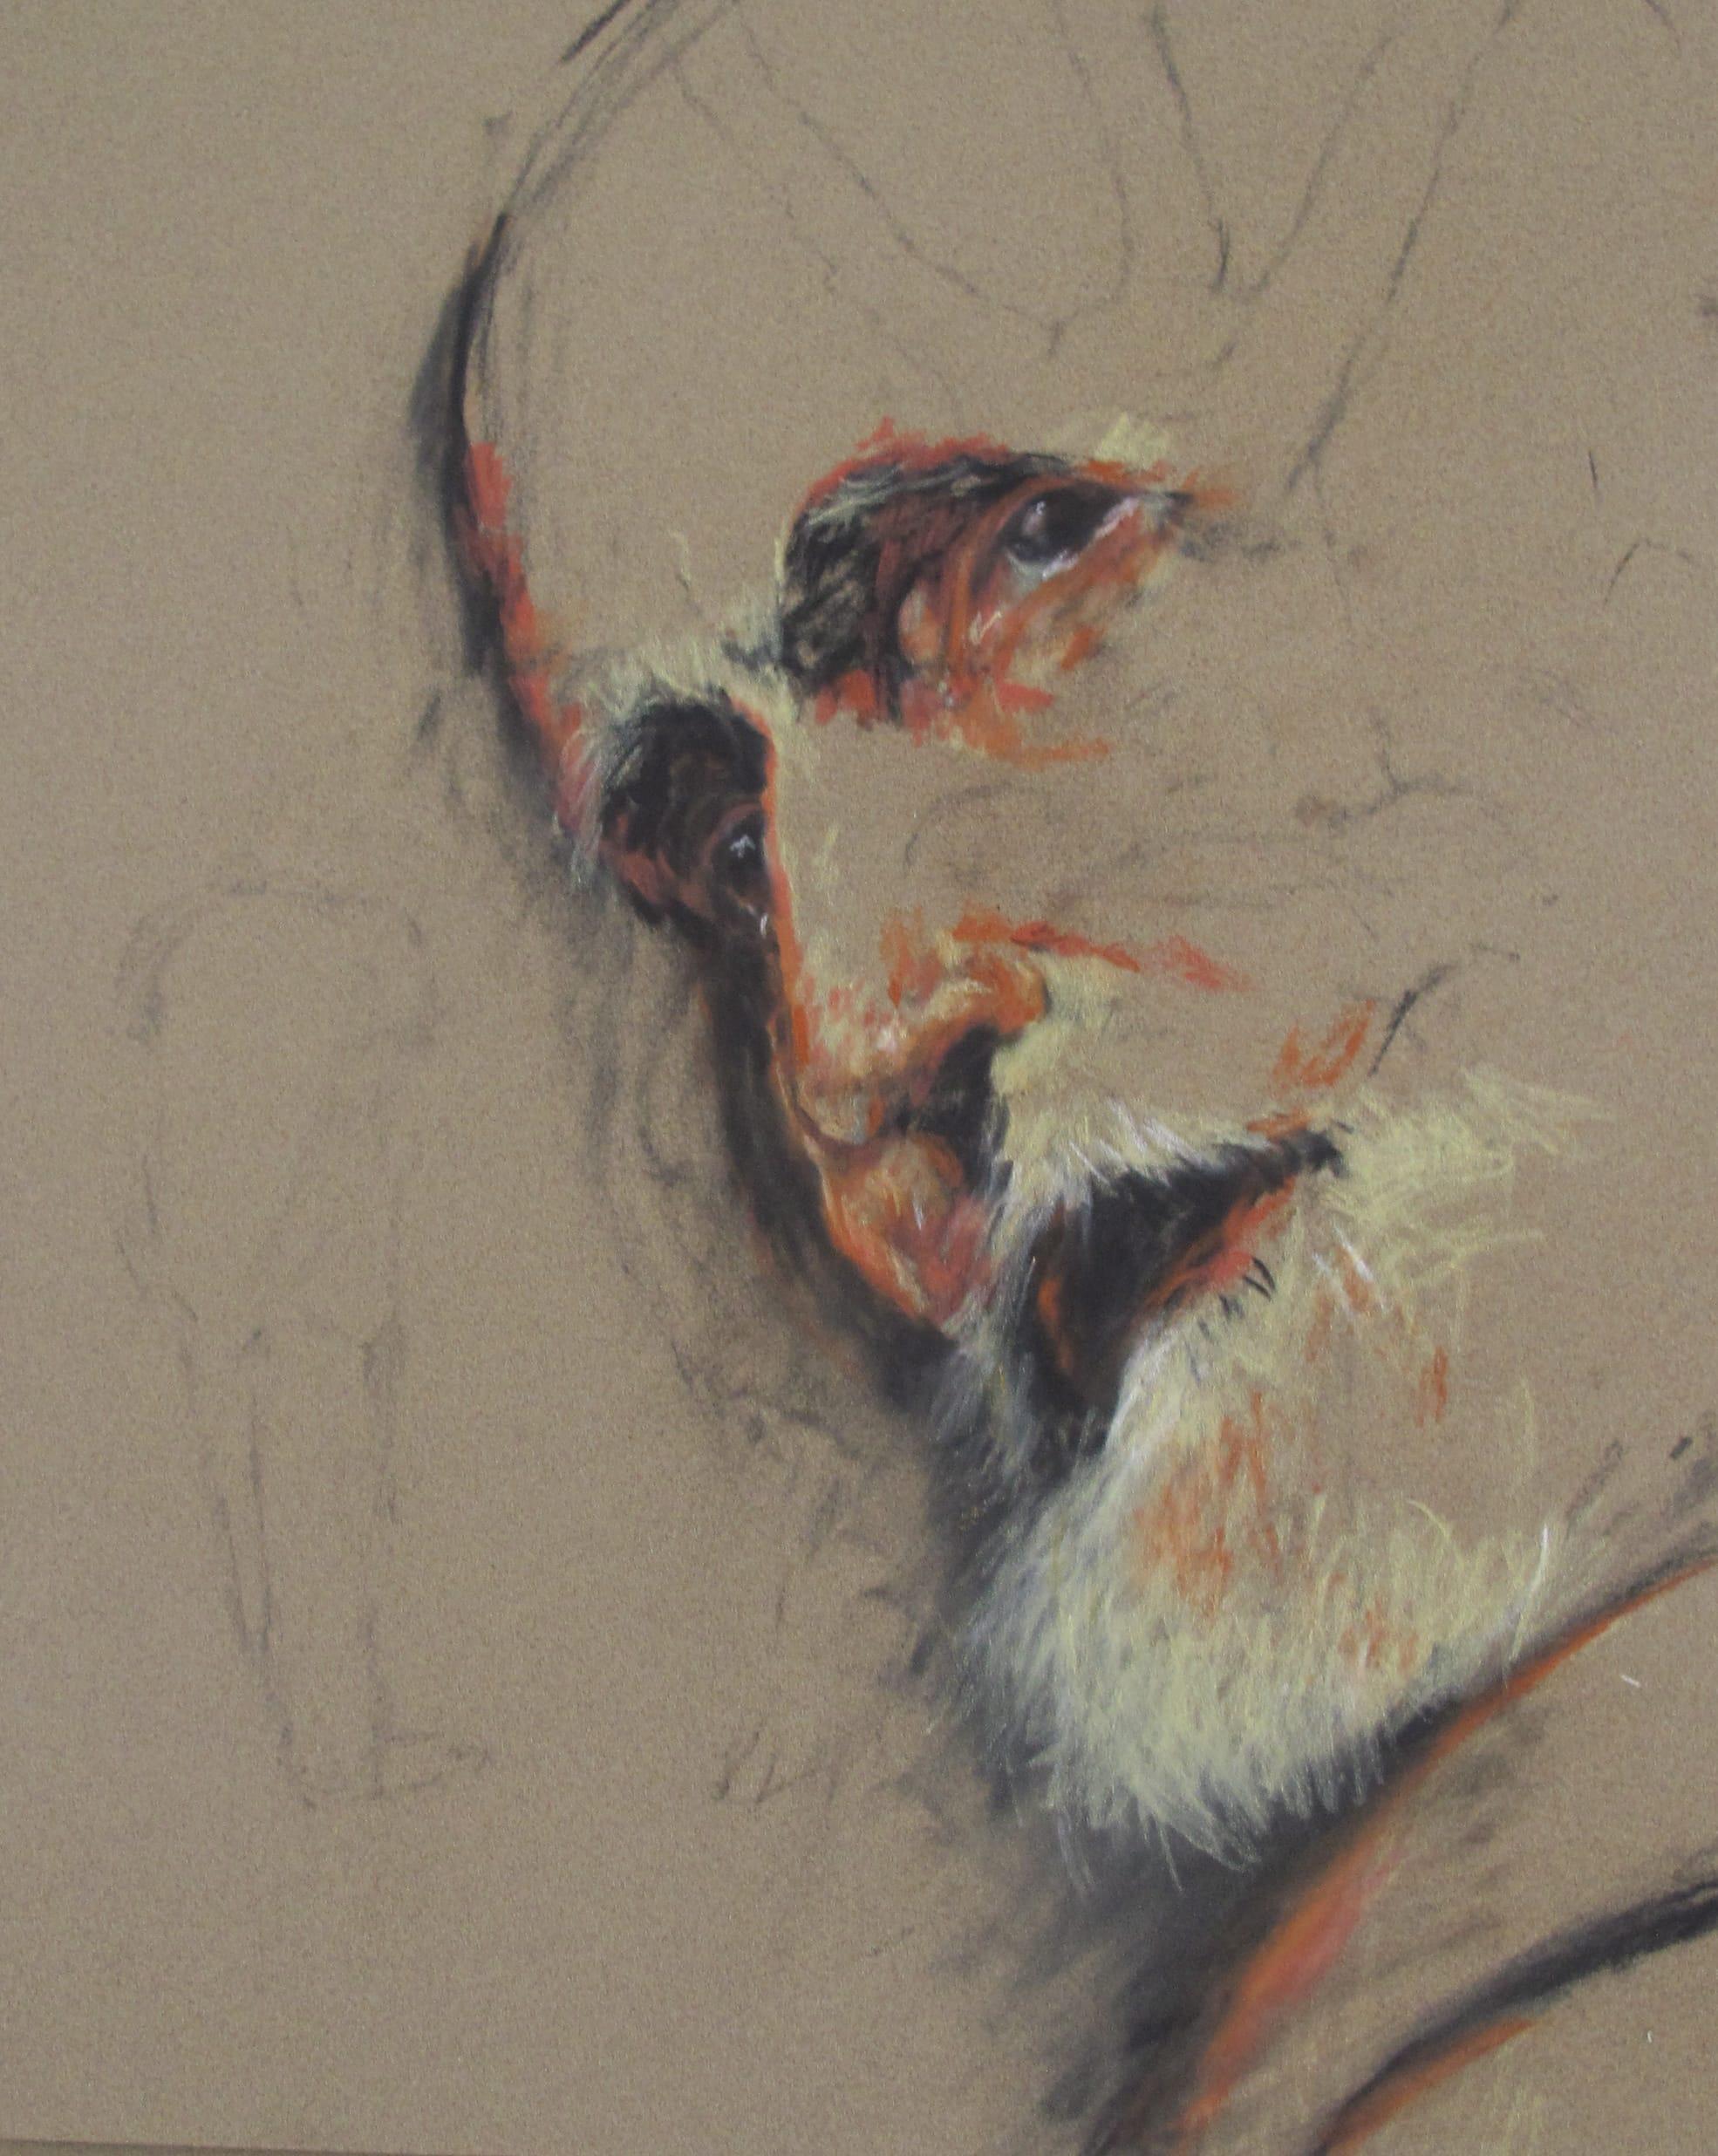 L'Ancêtre, 2010, 32x24 cm